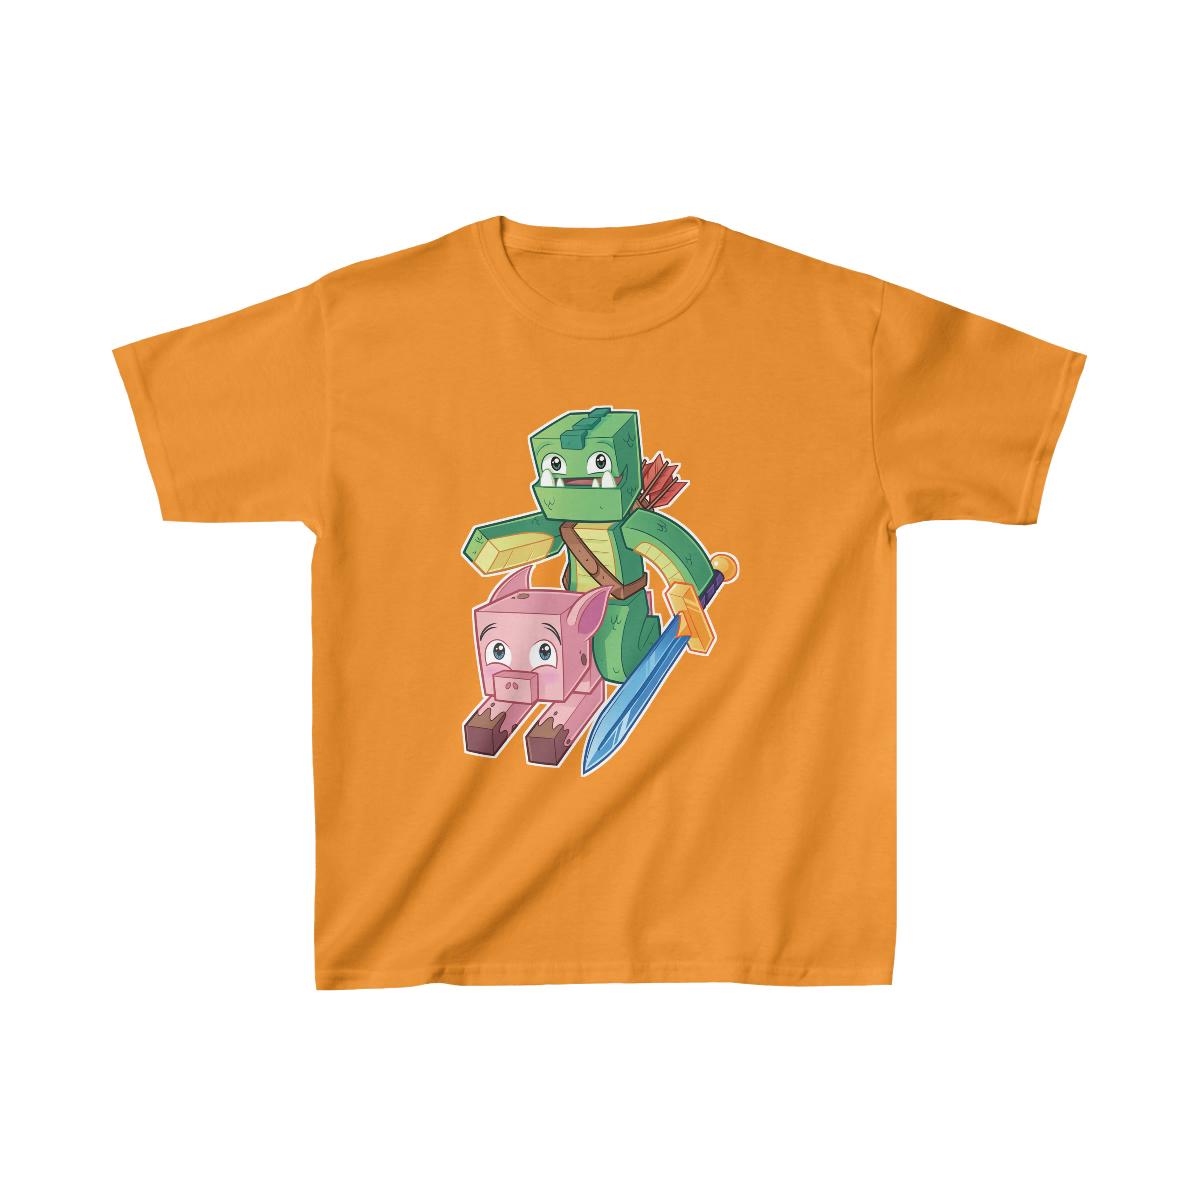 KIDS EckoSoldier Avatar Shirt